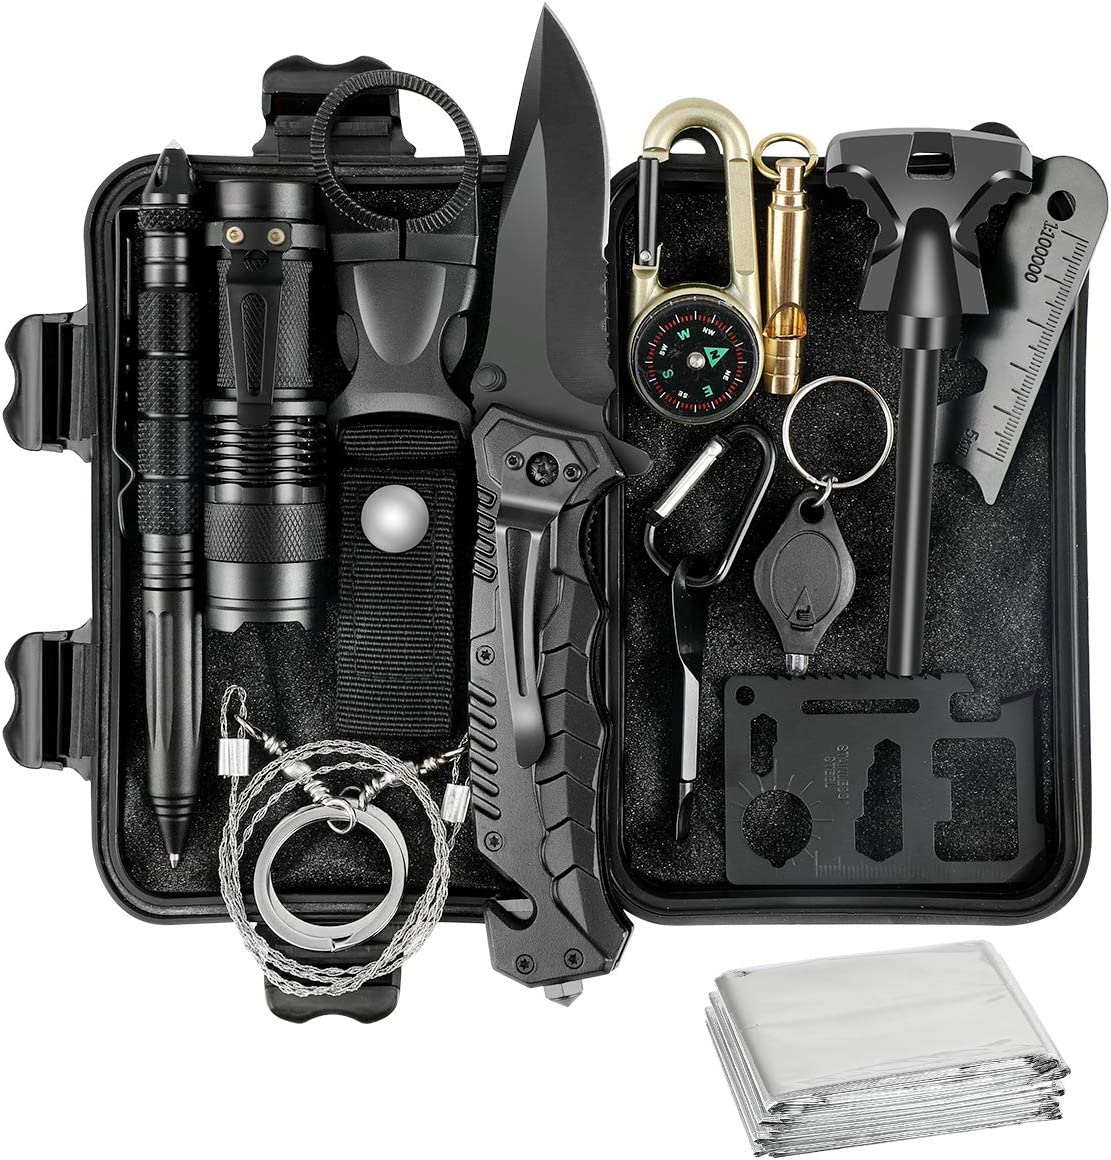 Puhibuox survival kit